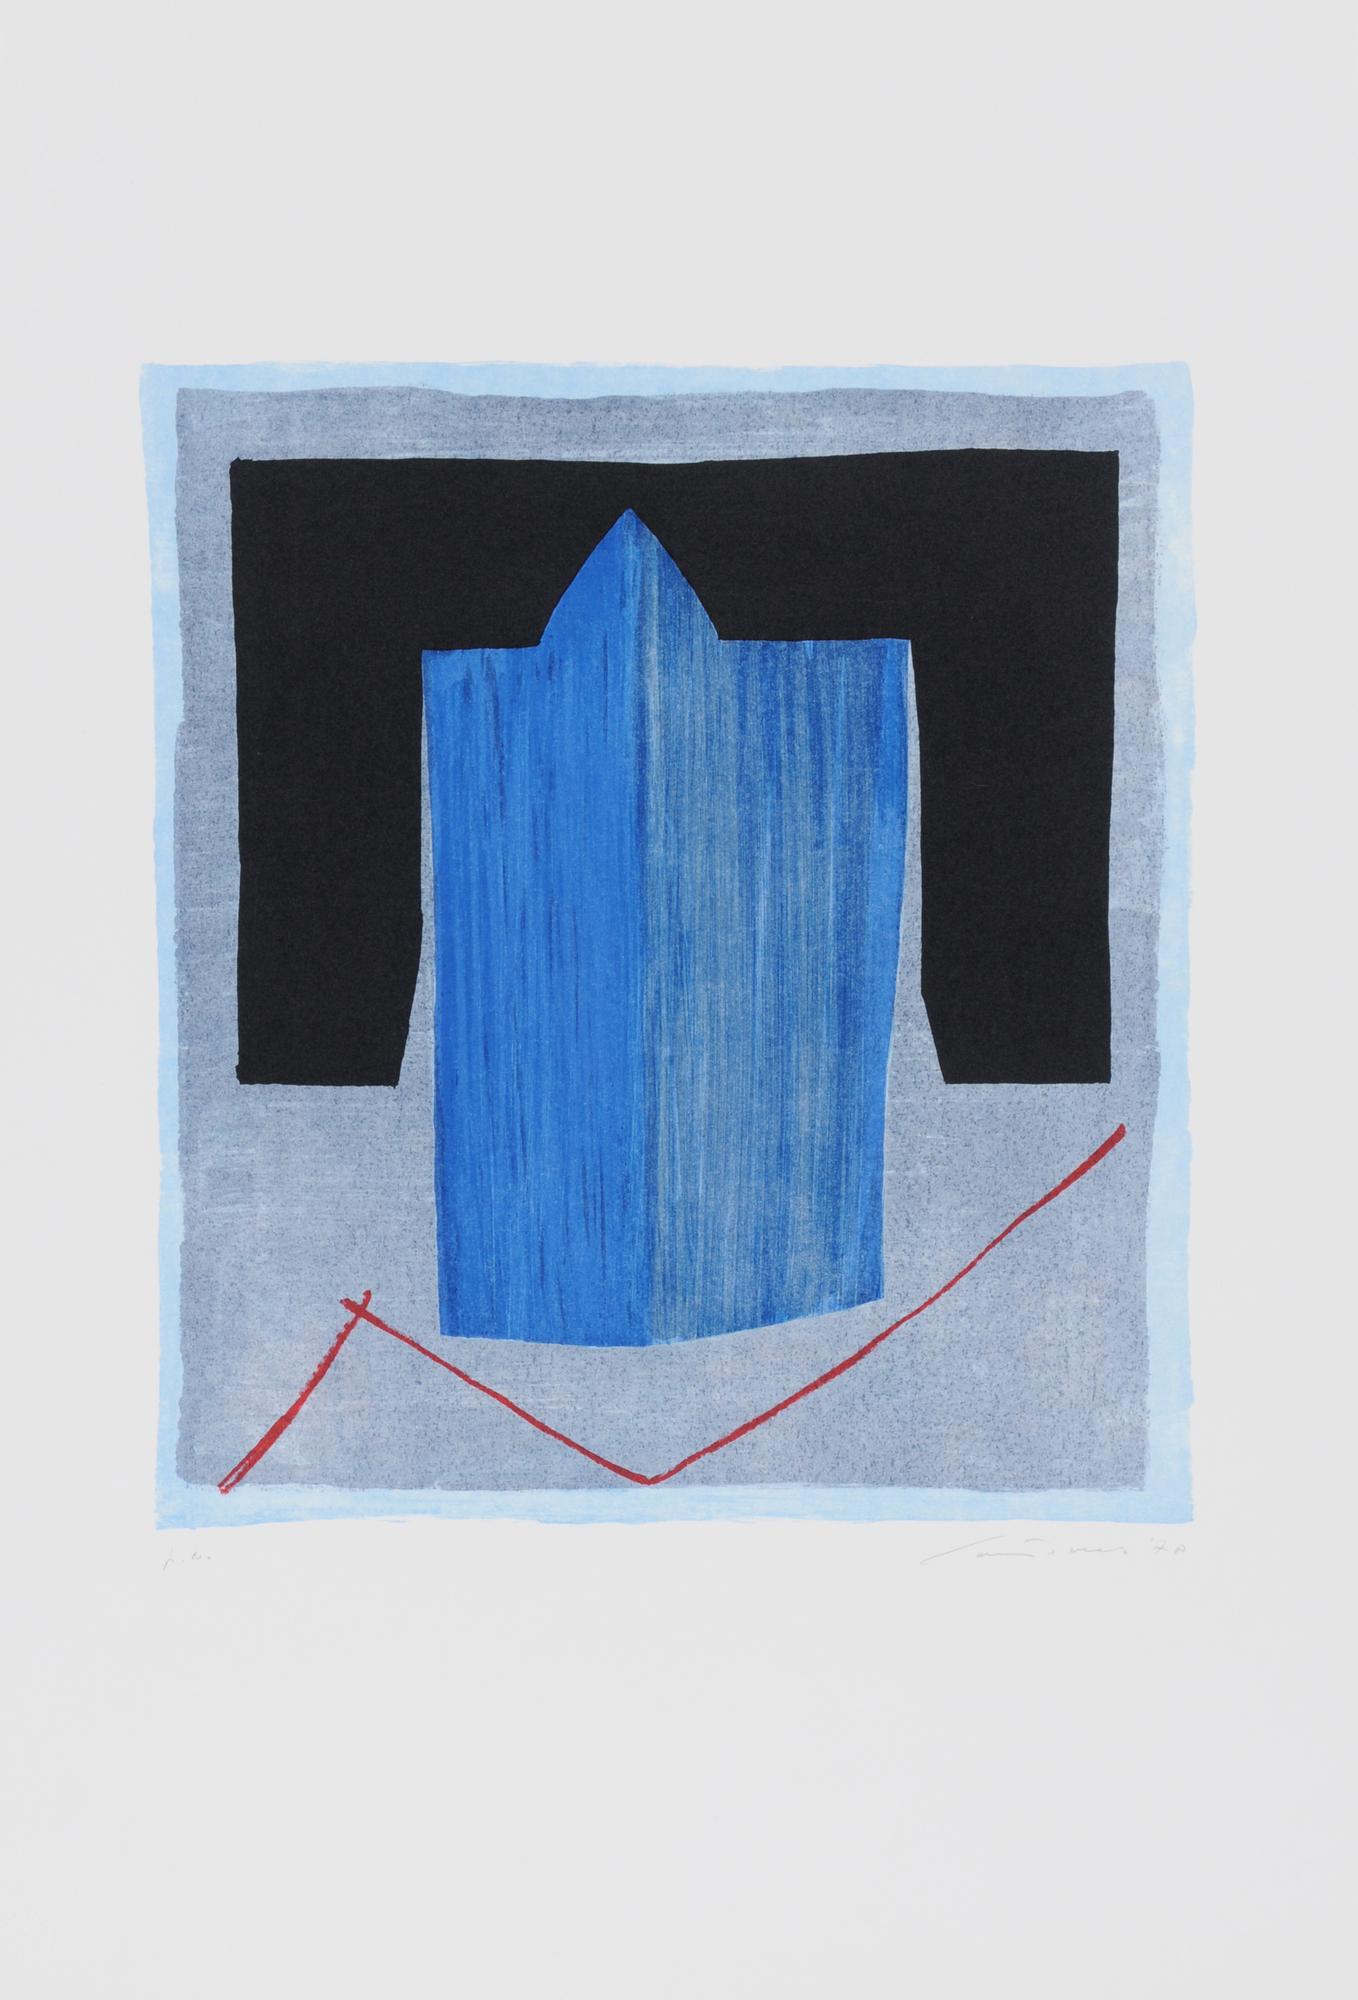 Santomaso Giuseppe, 5 sheets: Senza titolo; Senza titolo, 1971; Senza titolo, 1979; Senza titolo, 1986; Mozarabico